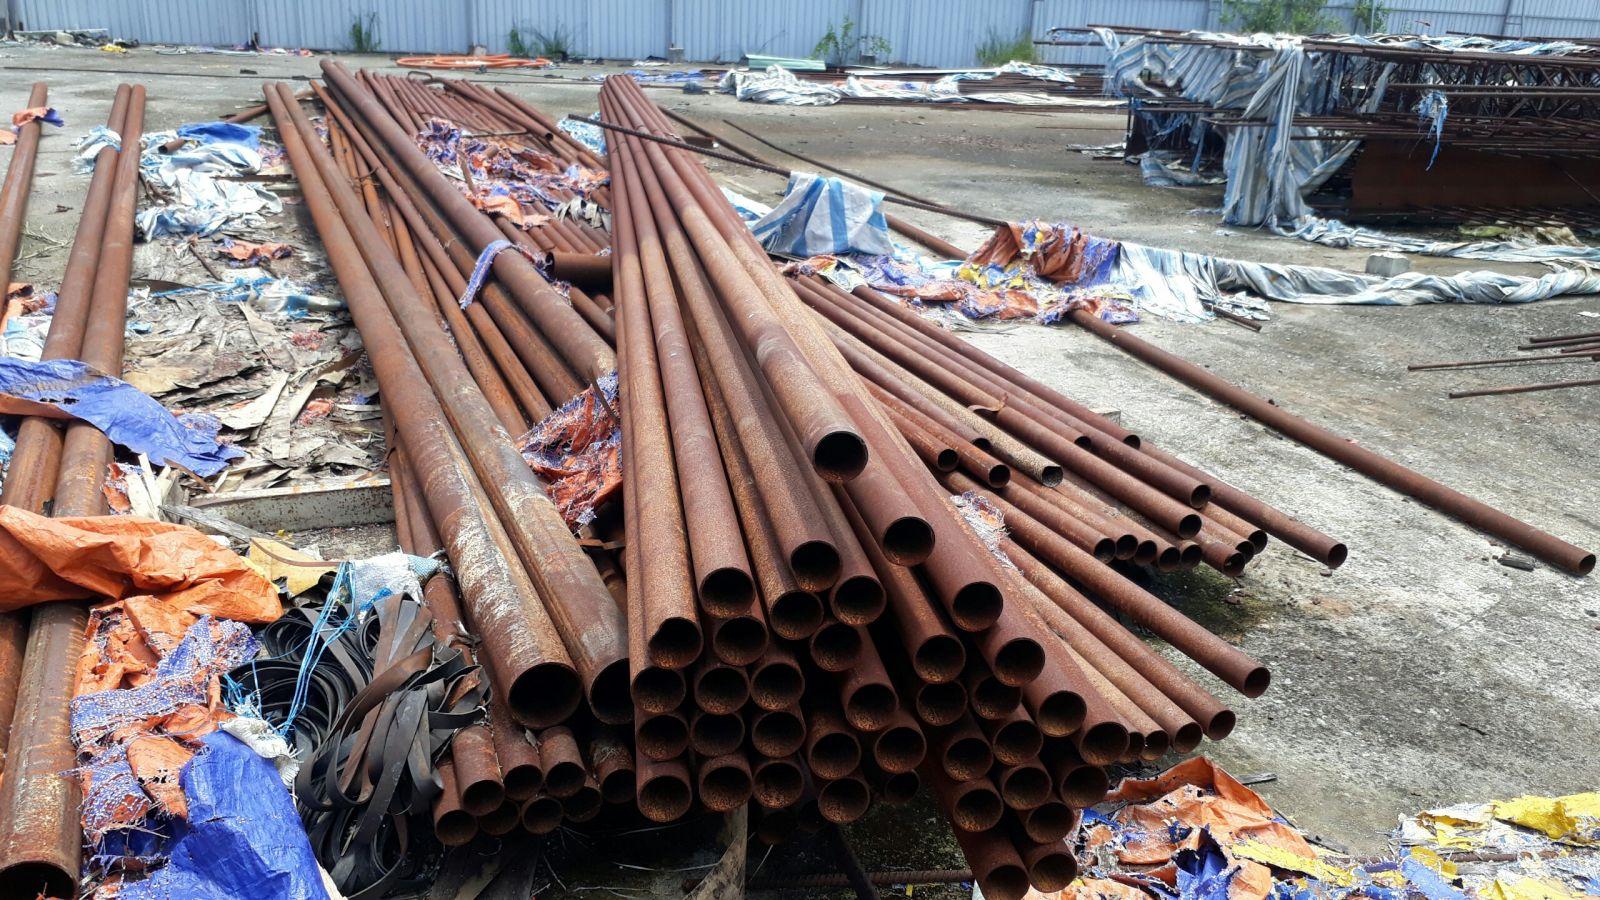 Thu mua phế liệu sắt thép gang nhôm đồng inox Quận 12 giá cao TP. HCM